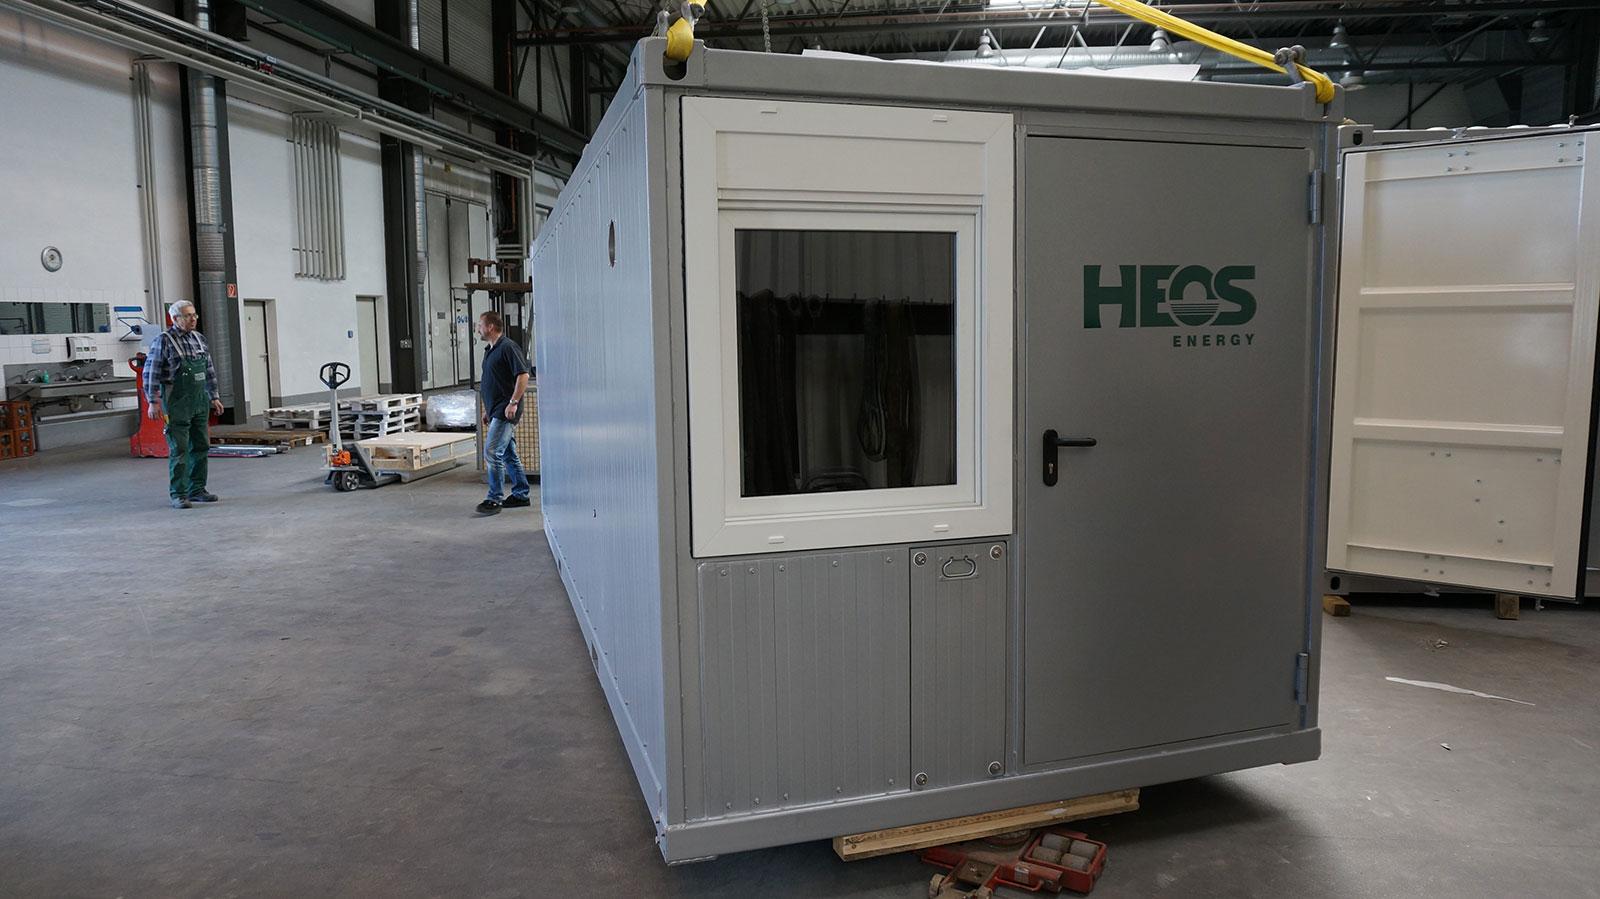 Der Spezialcontainer mit der elektrischen und elektronischen Steuerung wird verladen.